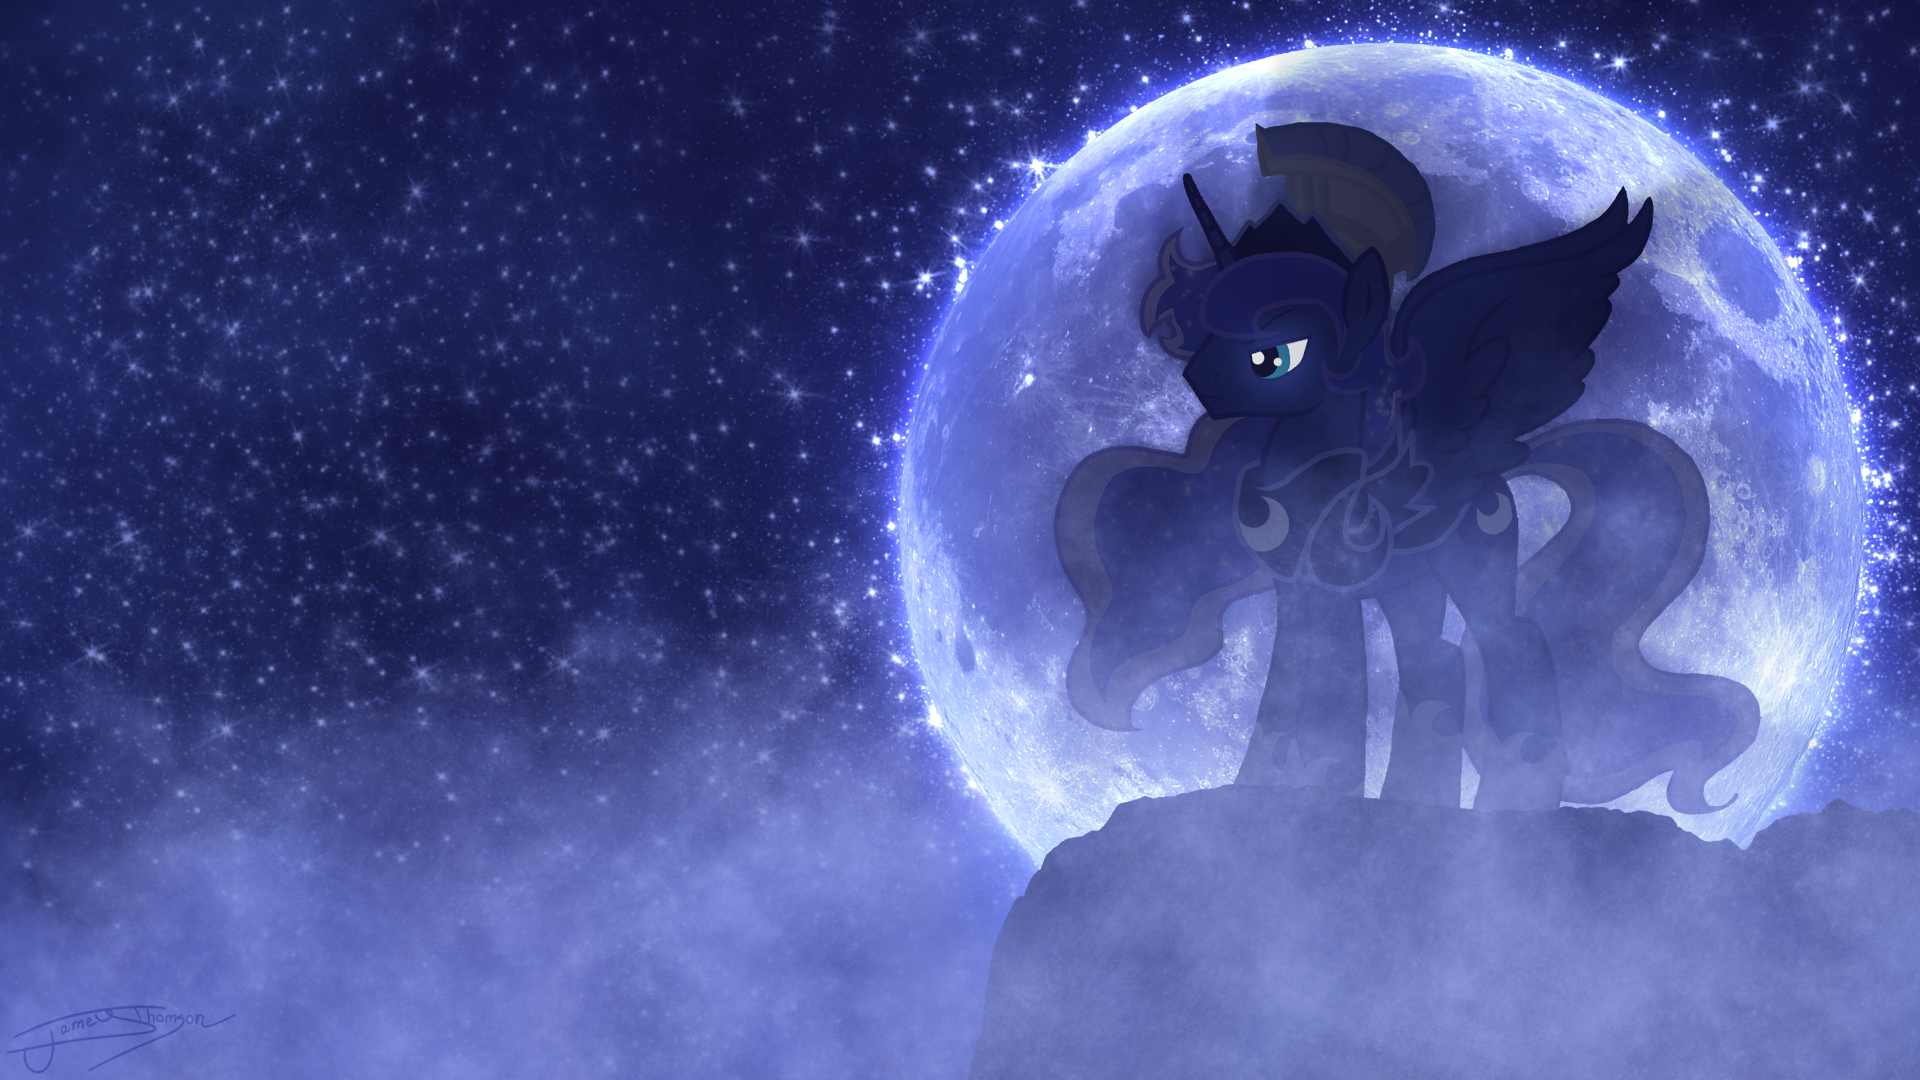 Prince Artemis - Prince of the Night by Jamey4